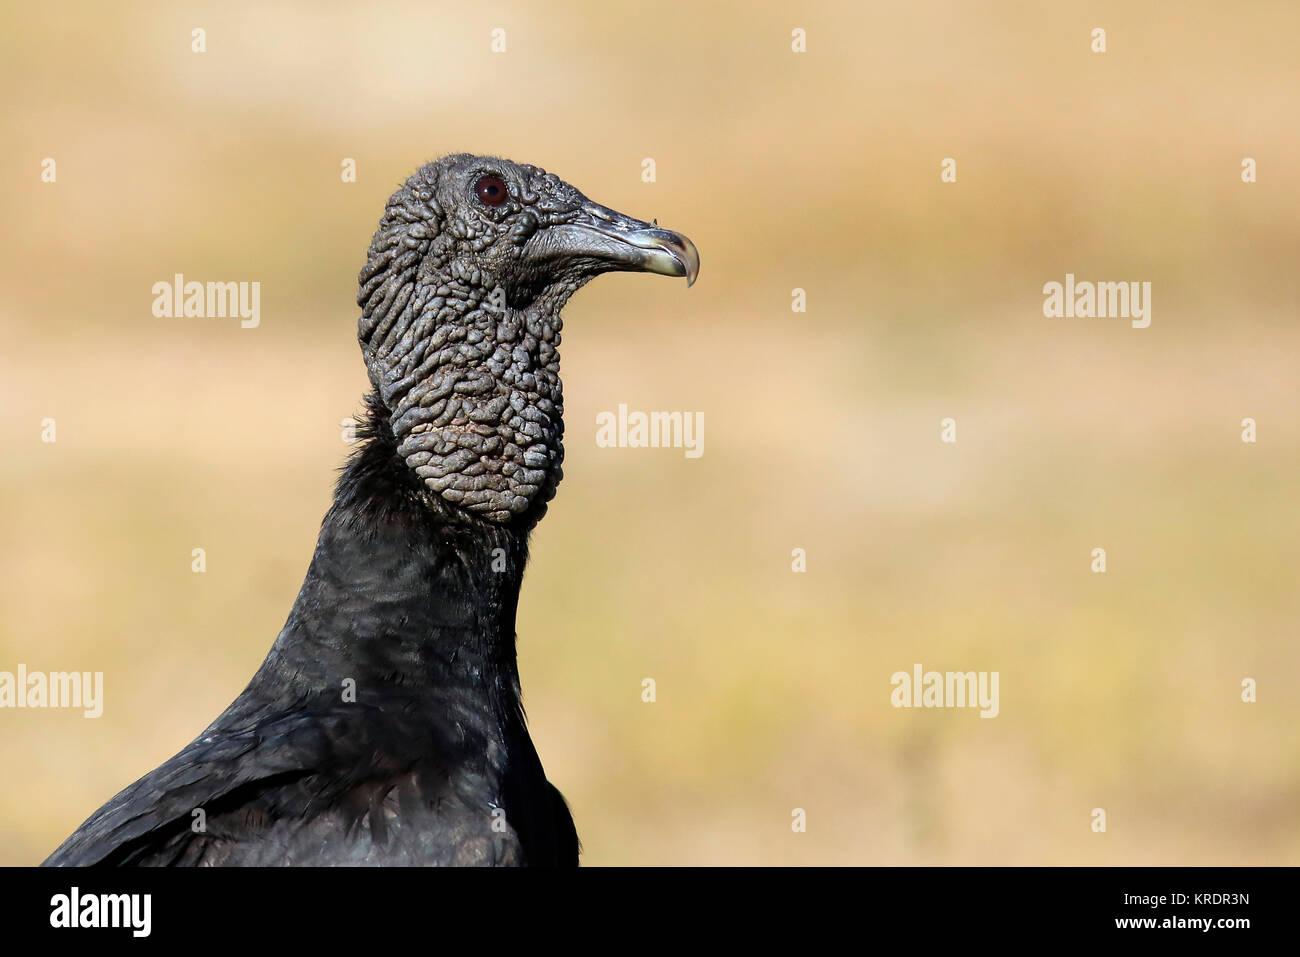 Black Vulture in Rio Claro. Pantanal, Brazil - Stock Image